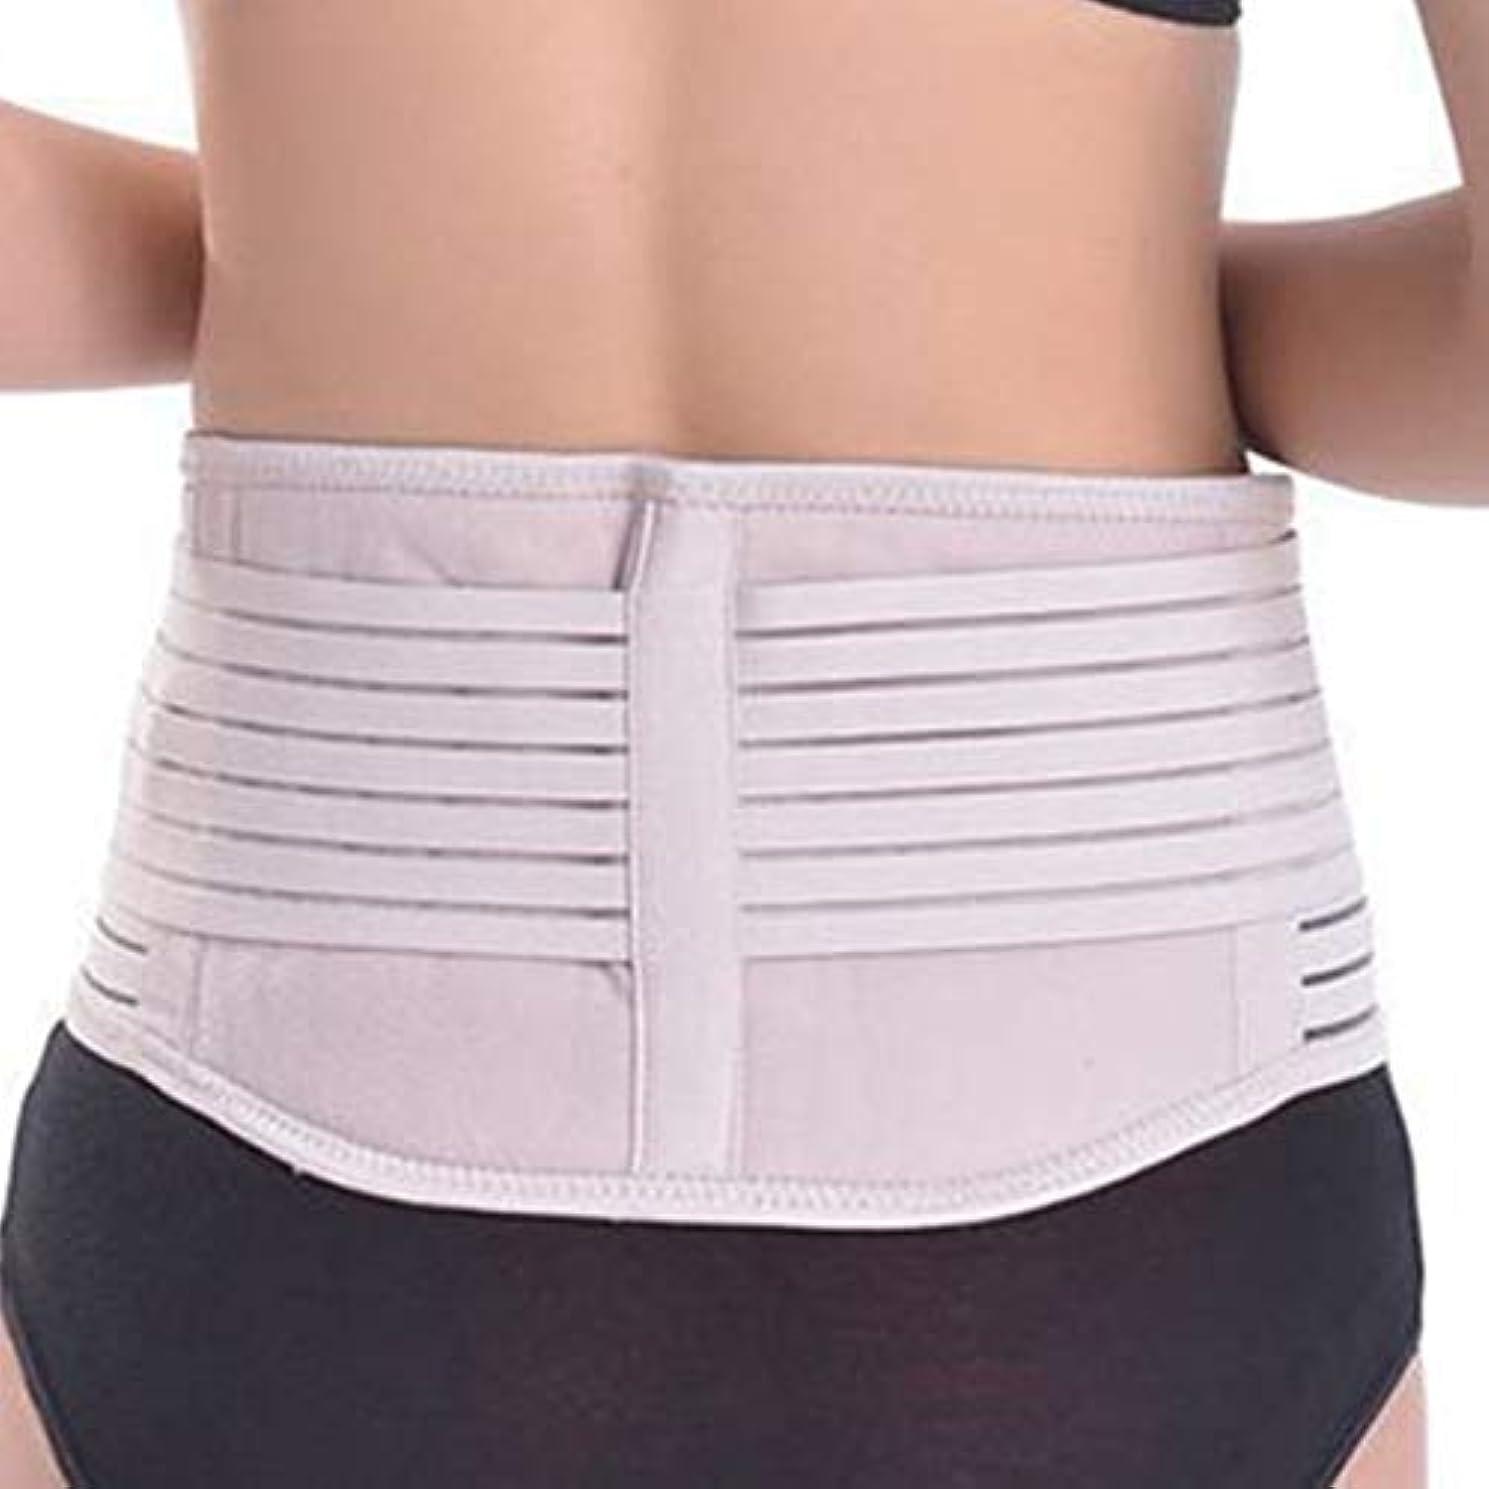 熟す悪因子ポインタダブルプルランバー調節可能なサポート腰ベルトブレース痛みリリーフスポーツ保護磁気